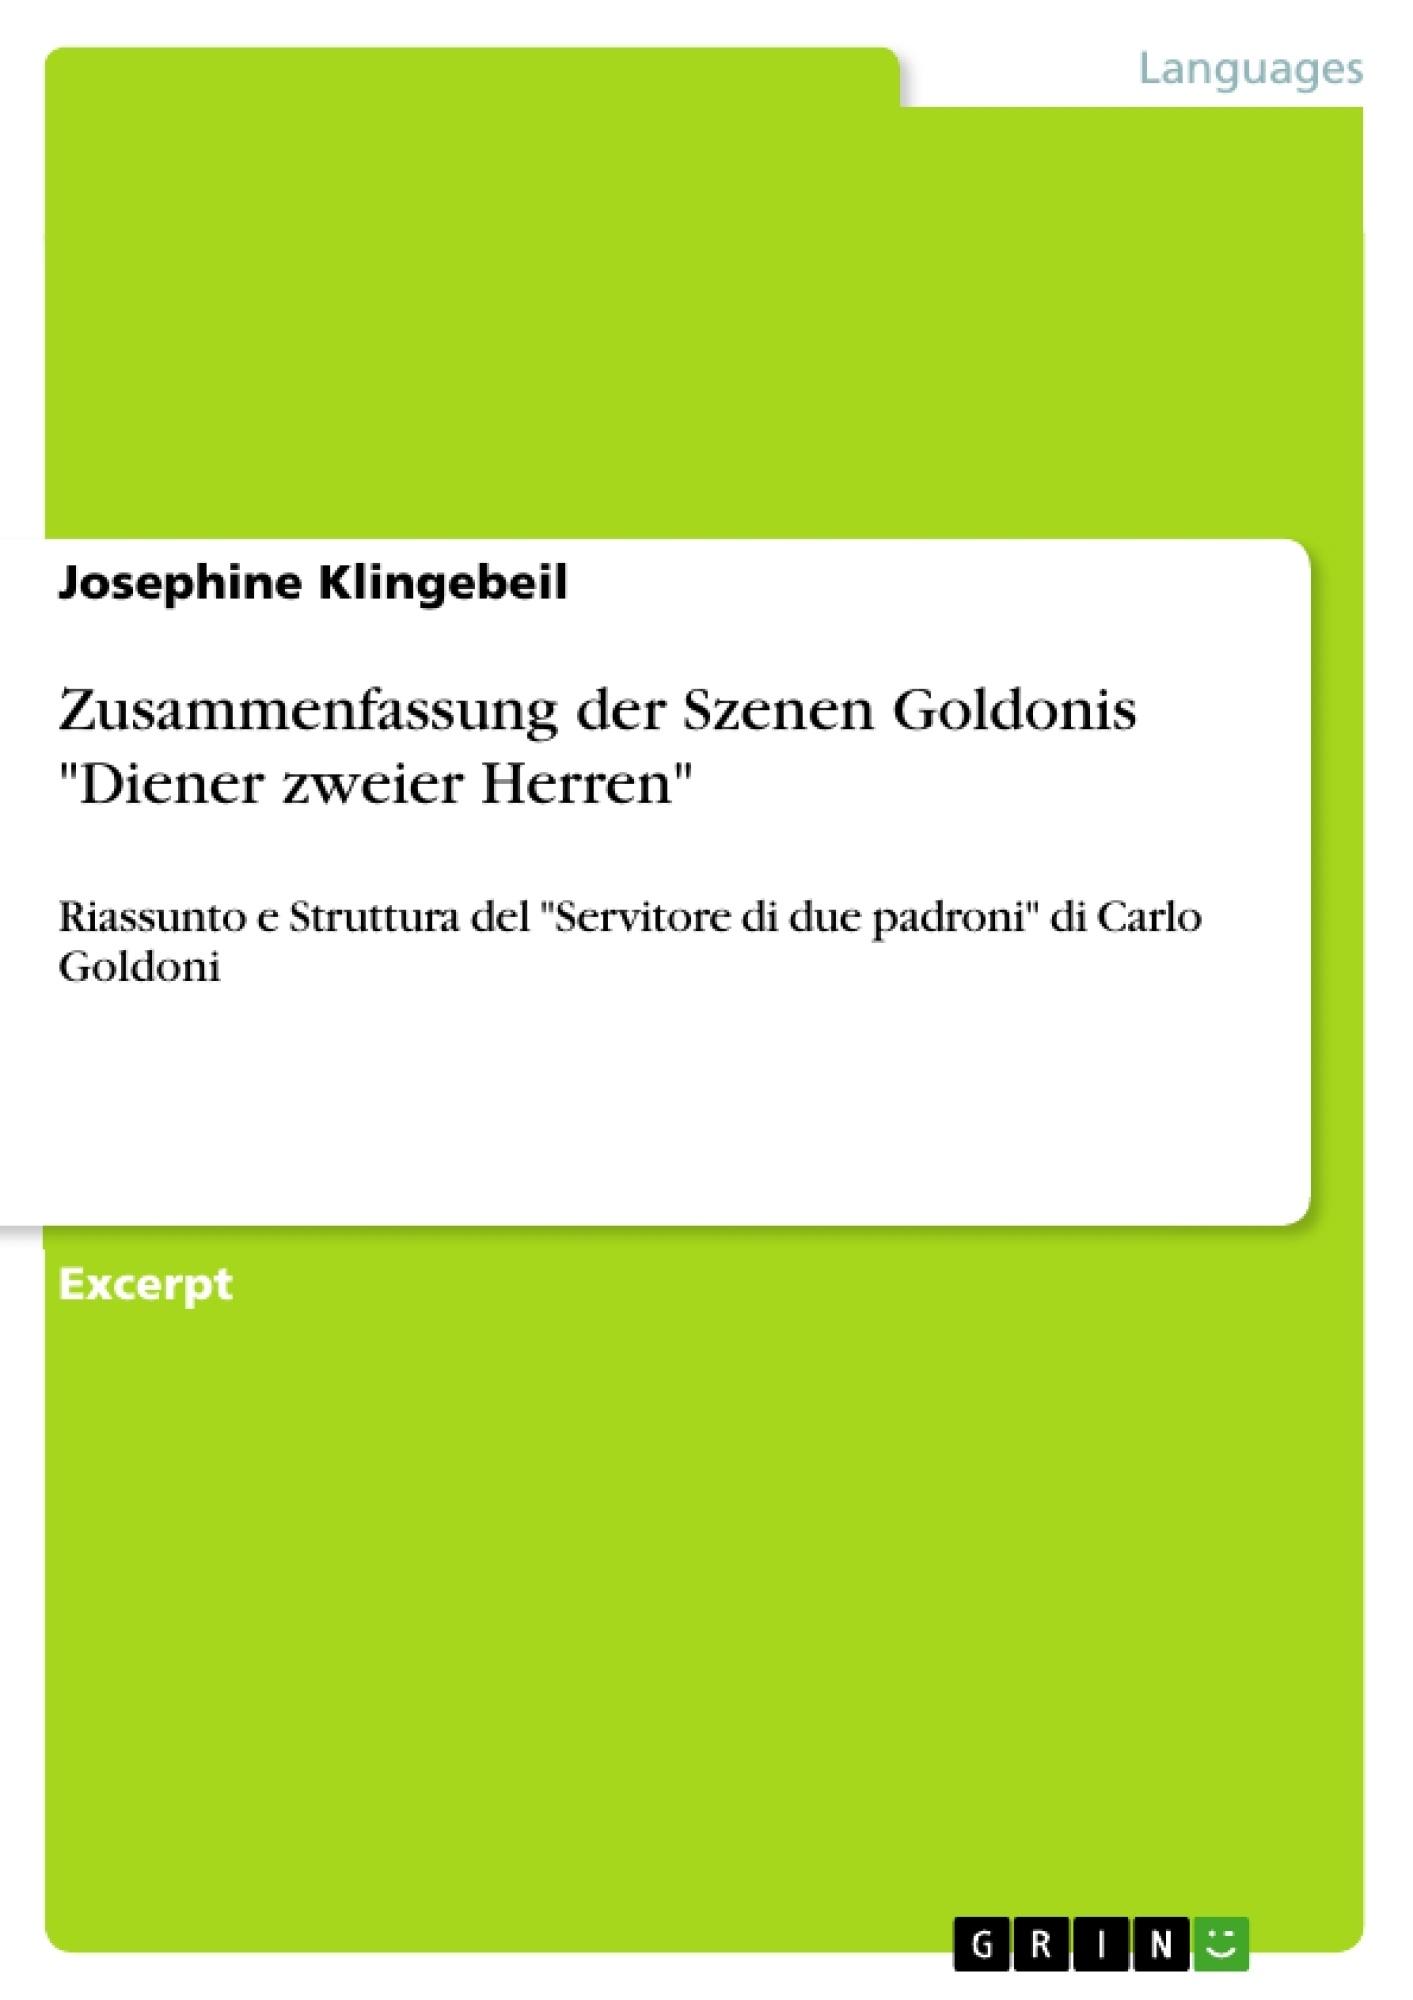 """Title: Zusammenfassung der Szenen Goldonis """"Diener zweier Herren"""""""